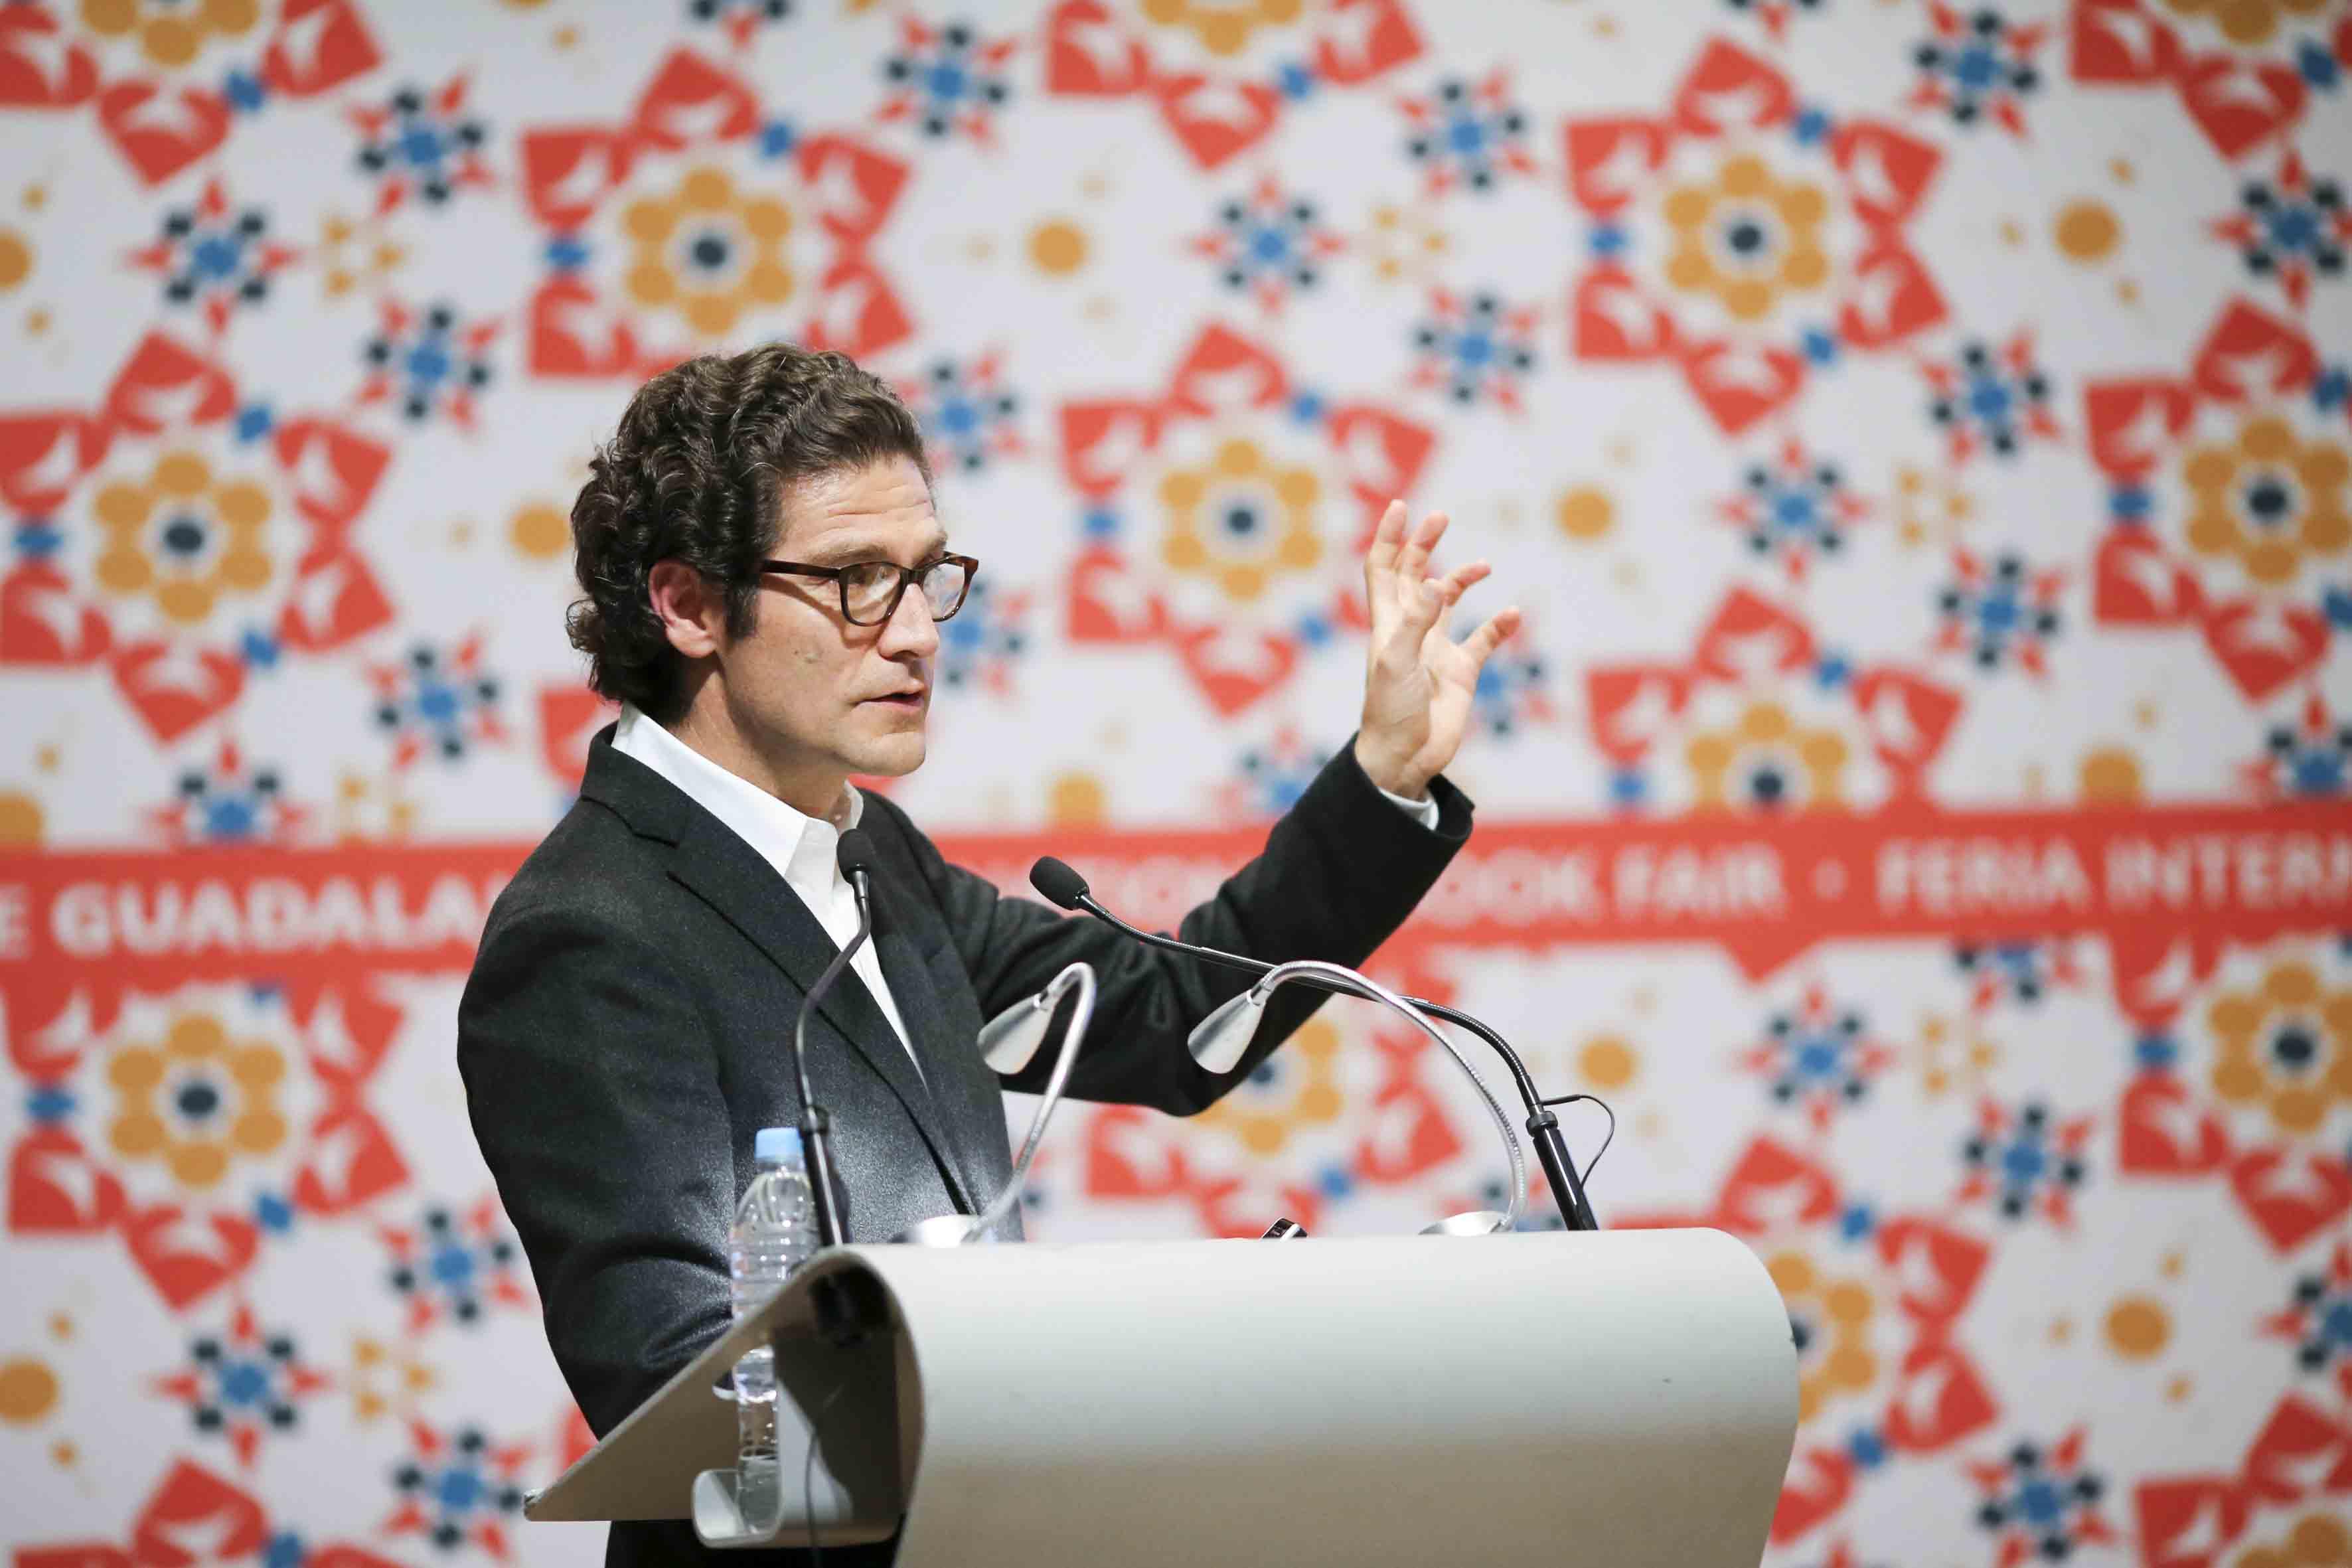 Arquitecto colombiano Juan Pablo Ortiz, haciendo uso de la palabra, desde el podium.